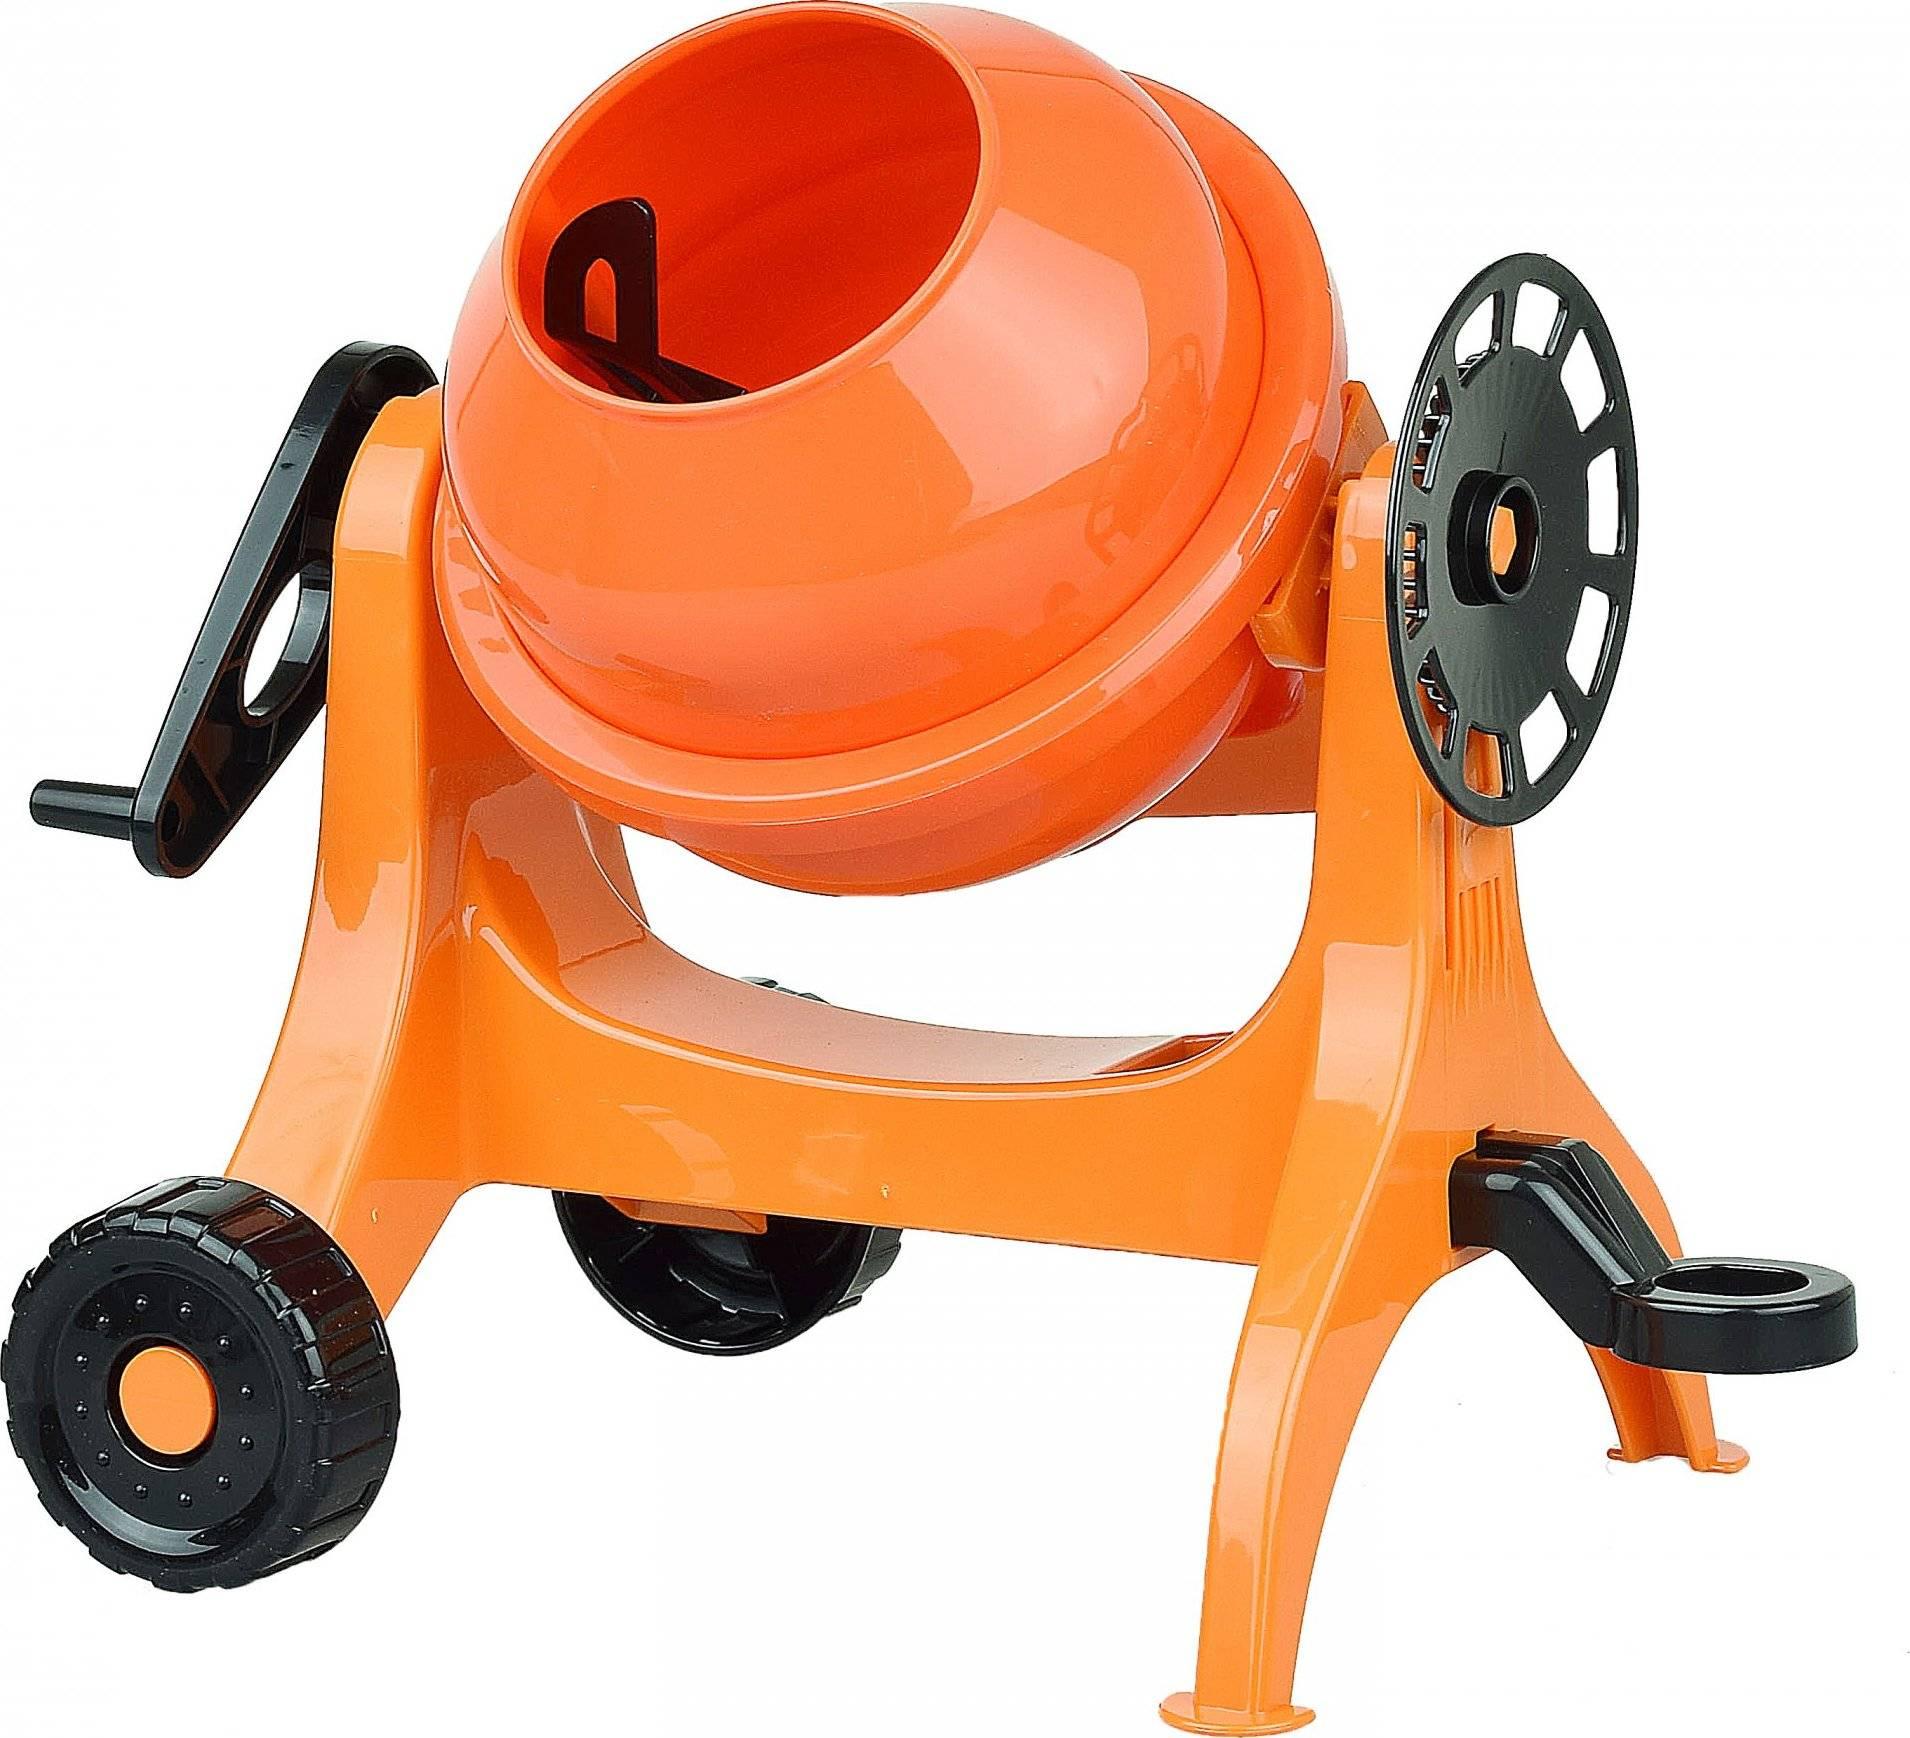 Míchačka oranžová 8405010 Lena